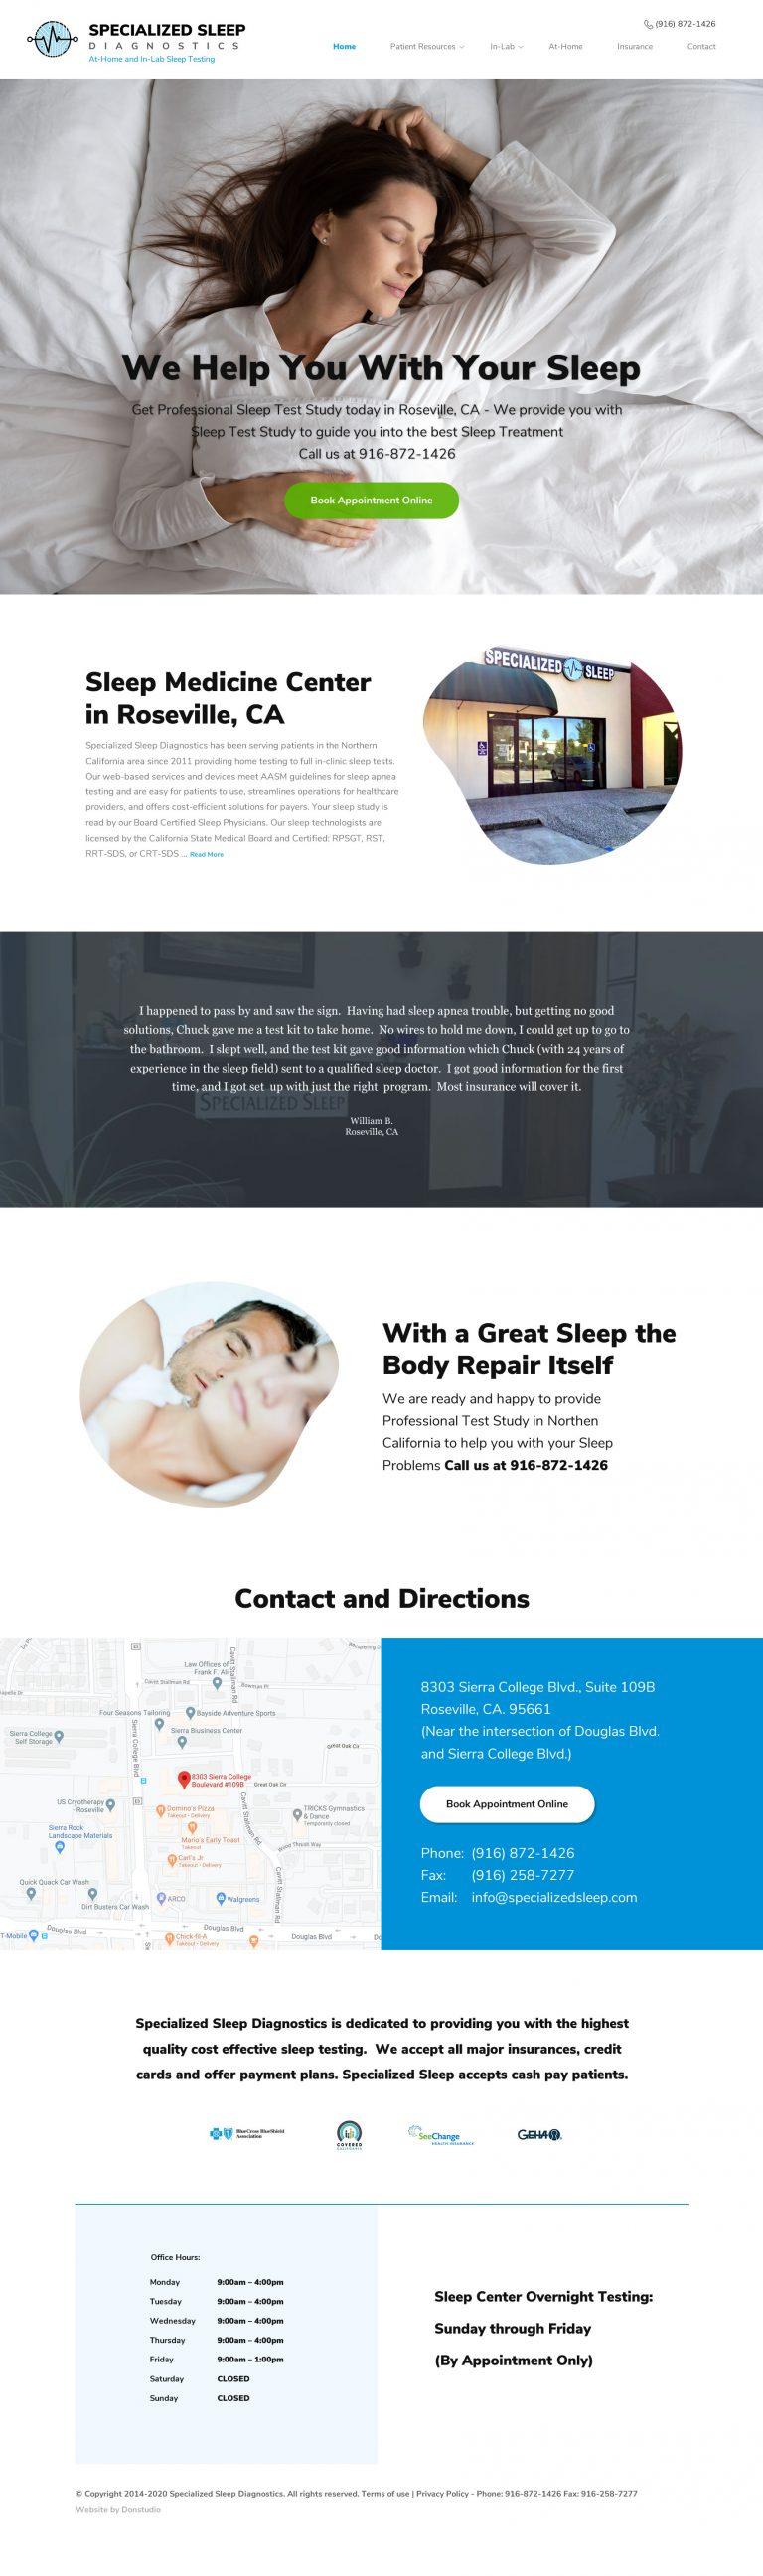 specializedsleep.com 1